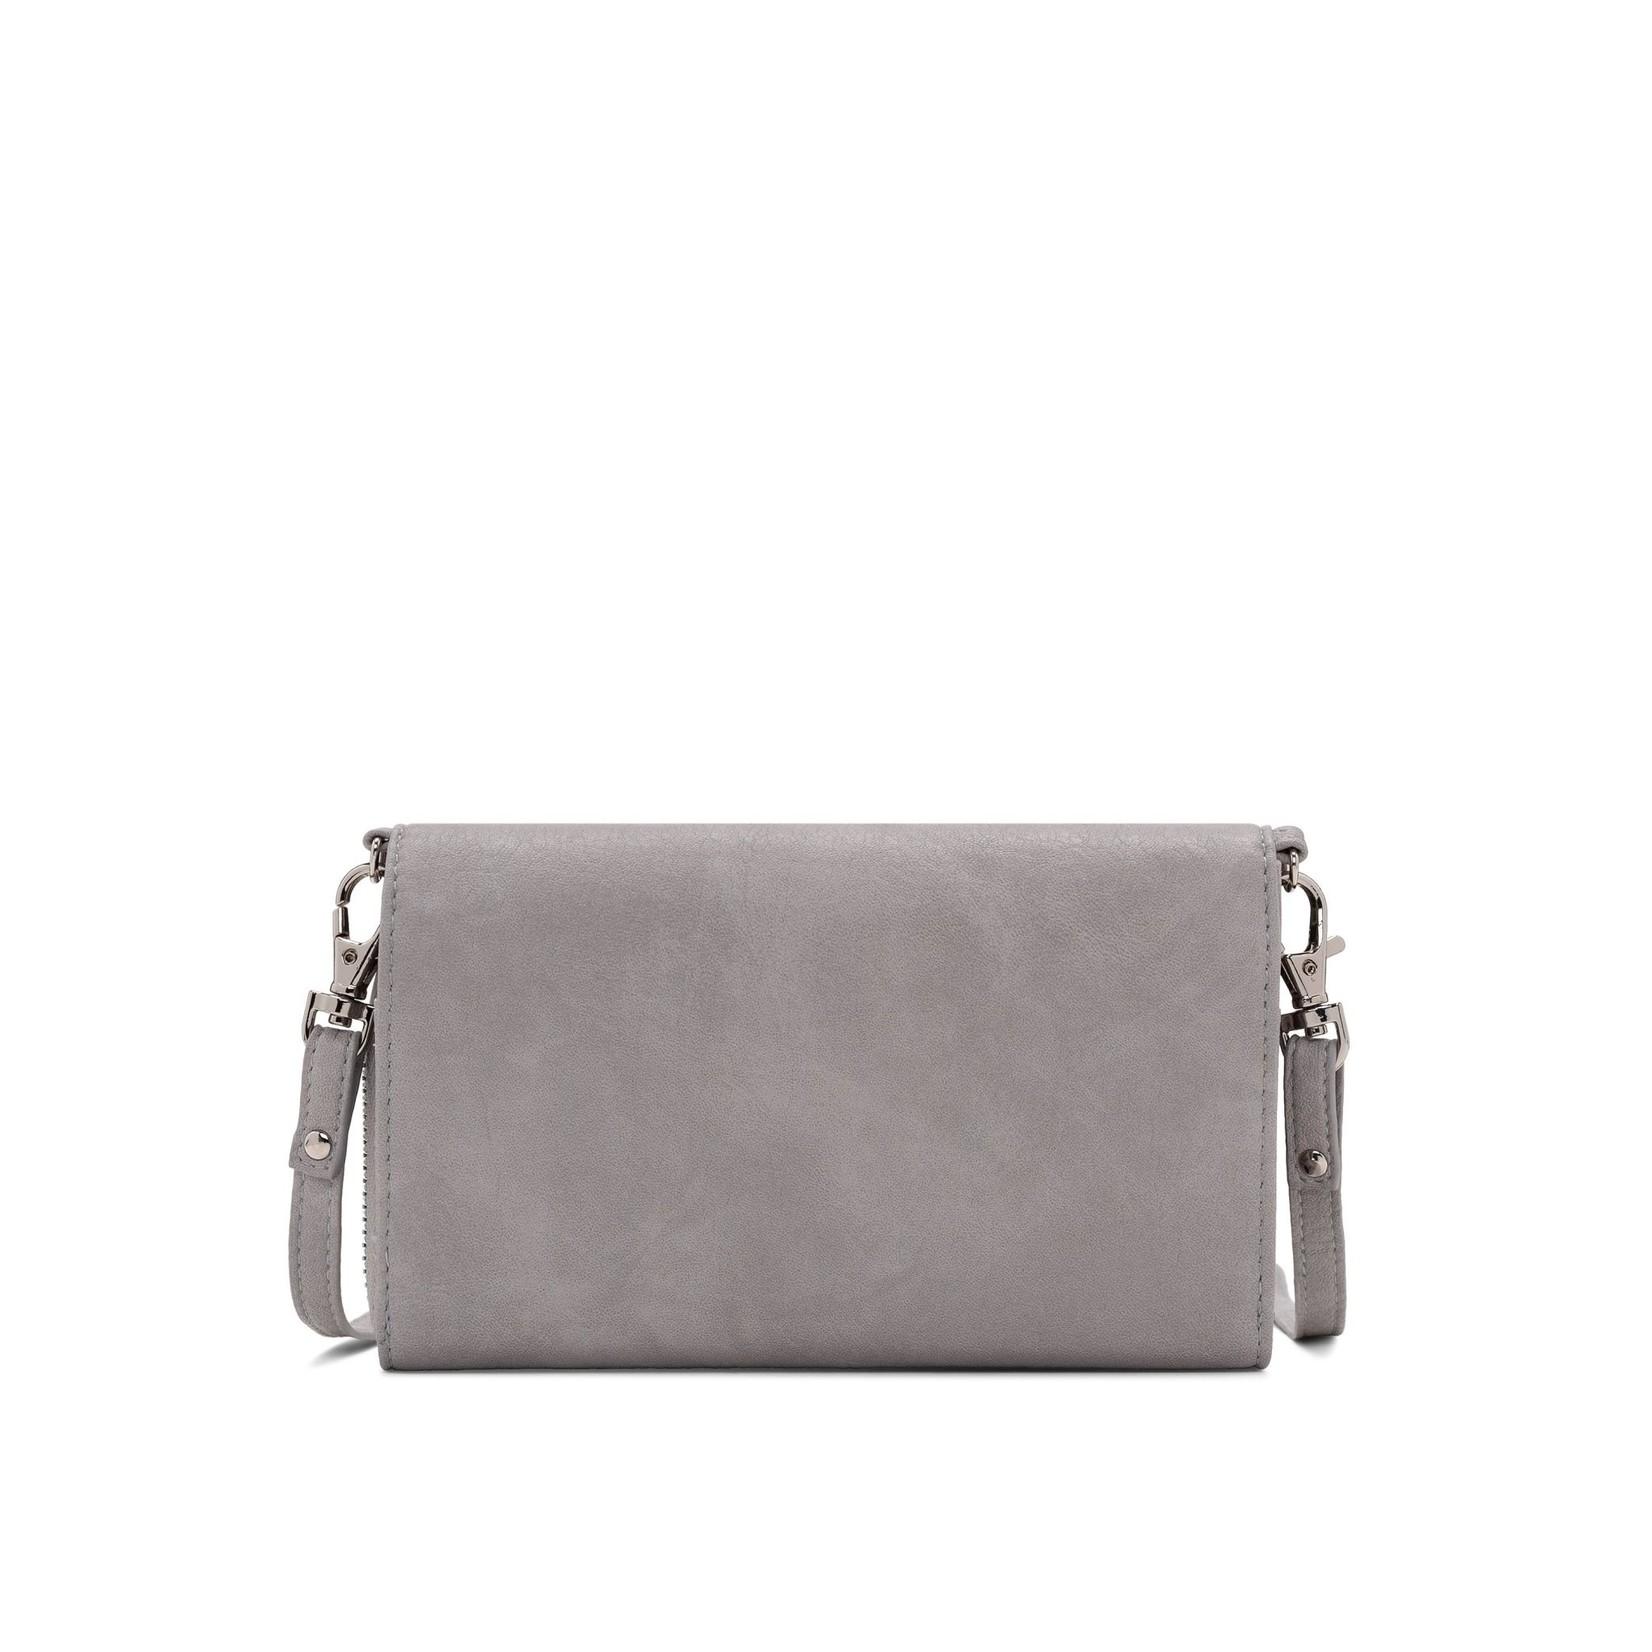 Co-lab Co-lab sac portefeuille gris